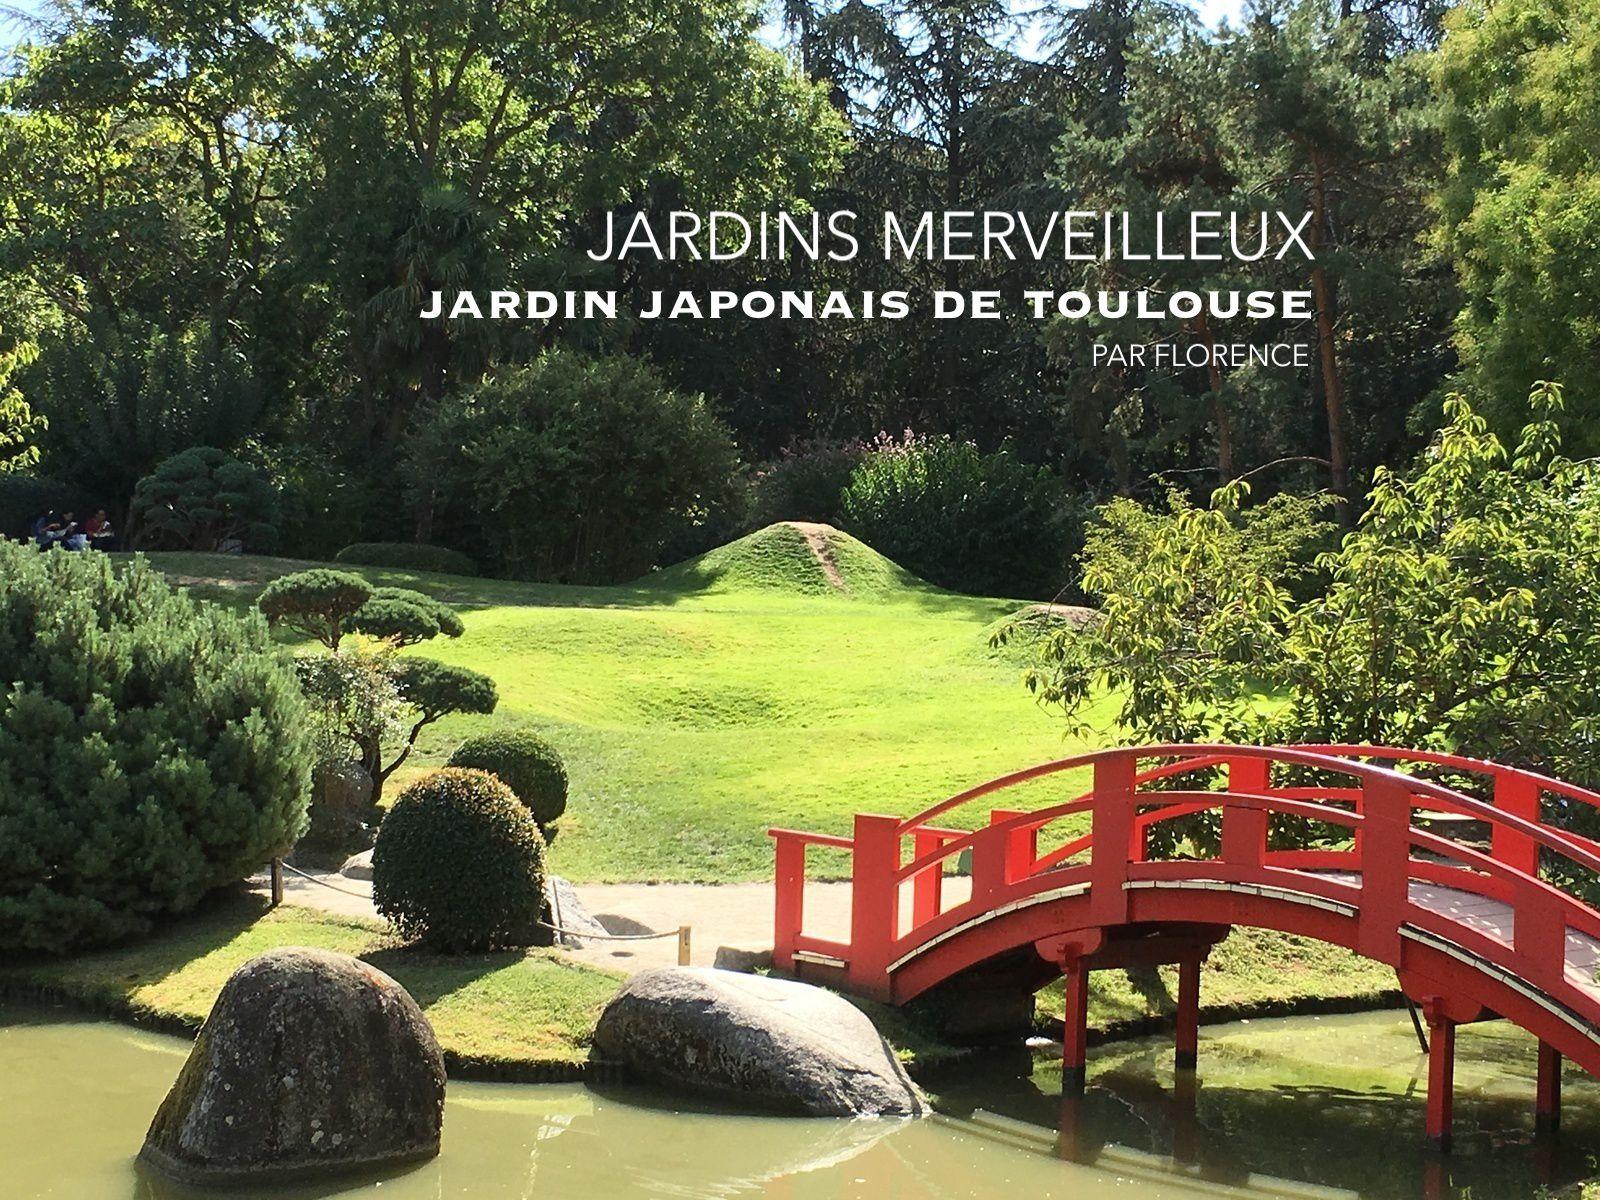 Le Jardin Japonais De Toulouse - Jardins Merveilleux serapportantà Bonjour Japonnais